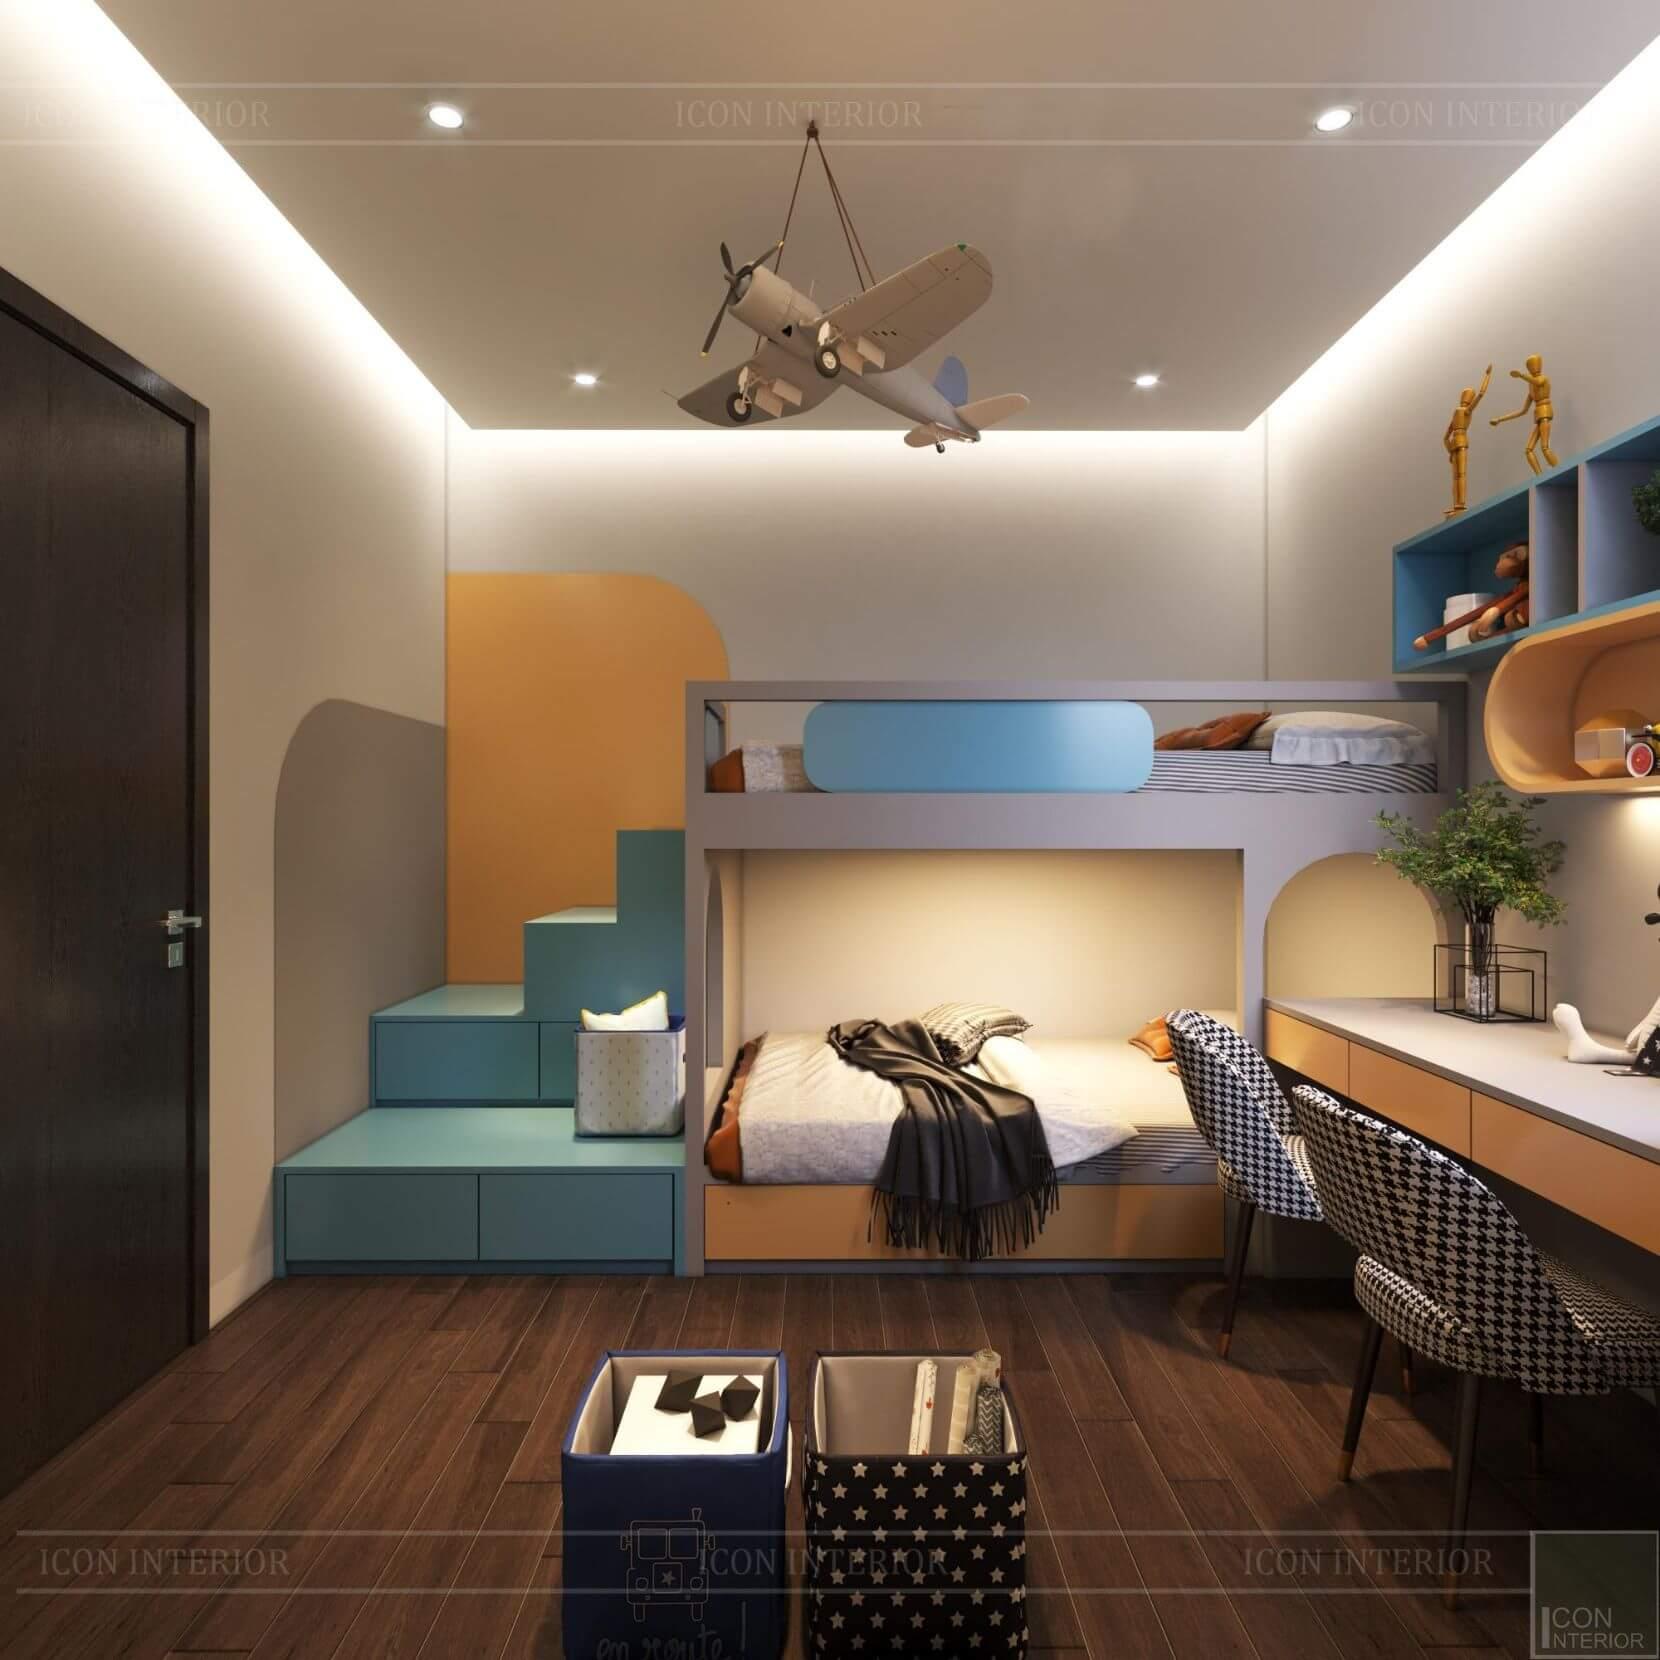 Thiết kế phòng ngủ trẻ em nội thất chung cư 70m2